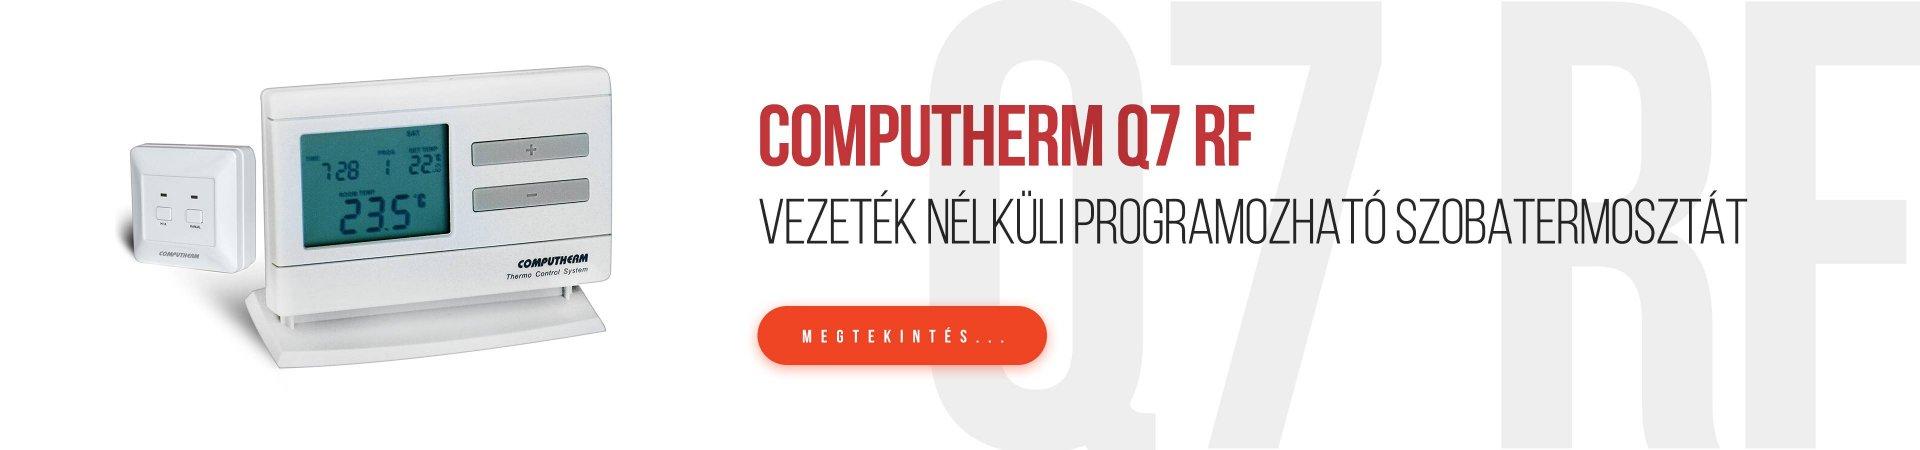 http://www.termostatshop.sk/hu/vezetek-nelkuli-programozhato-szobatermosztat